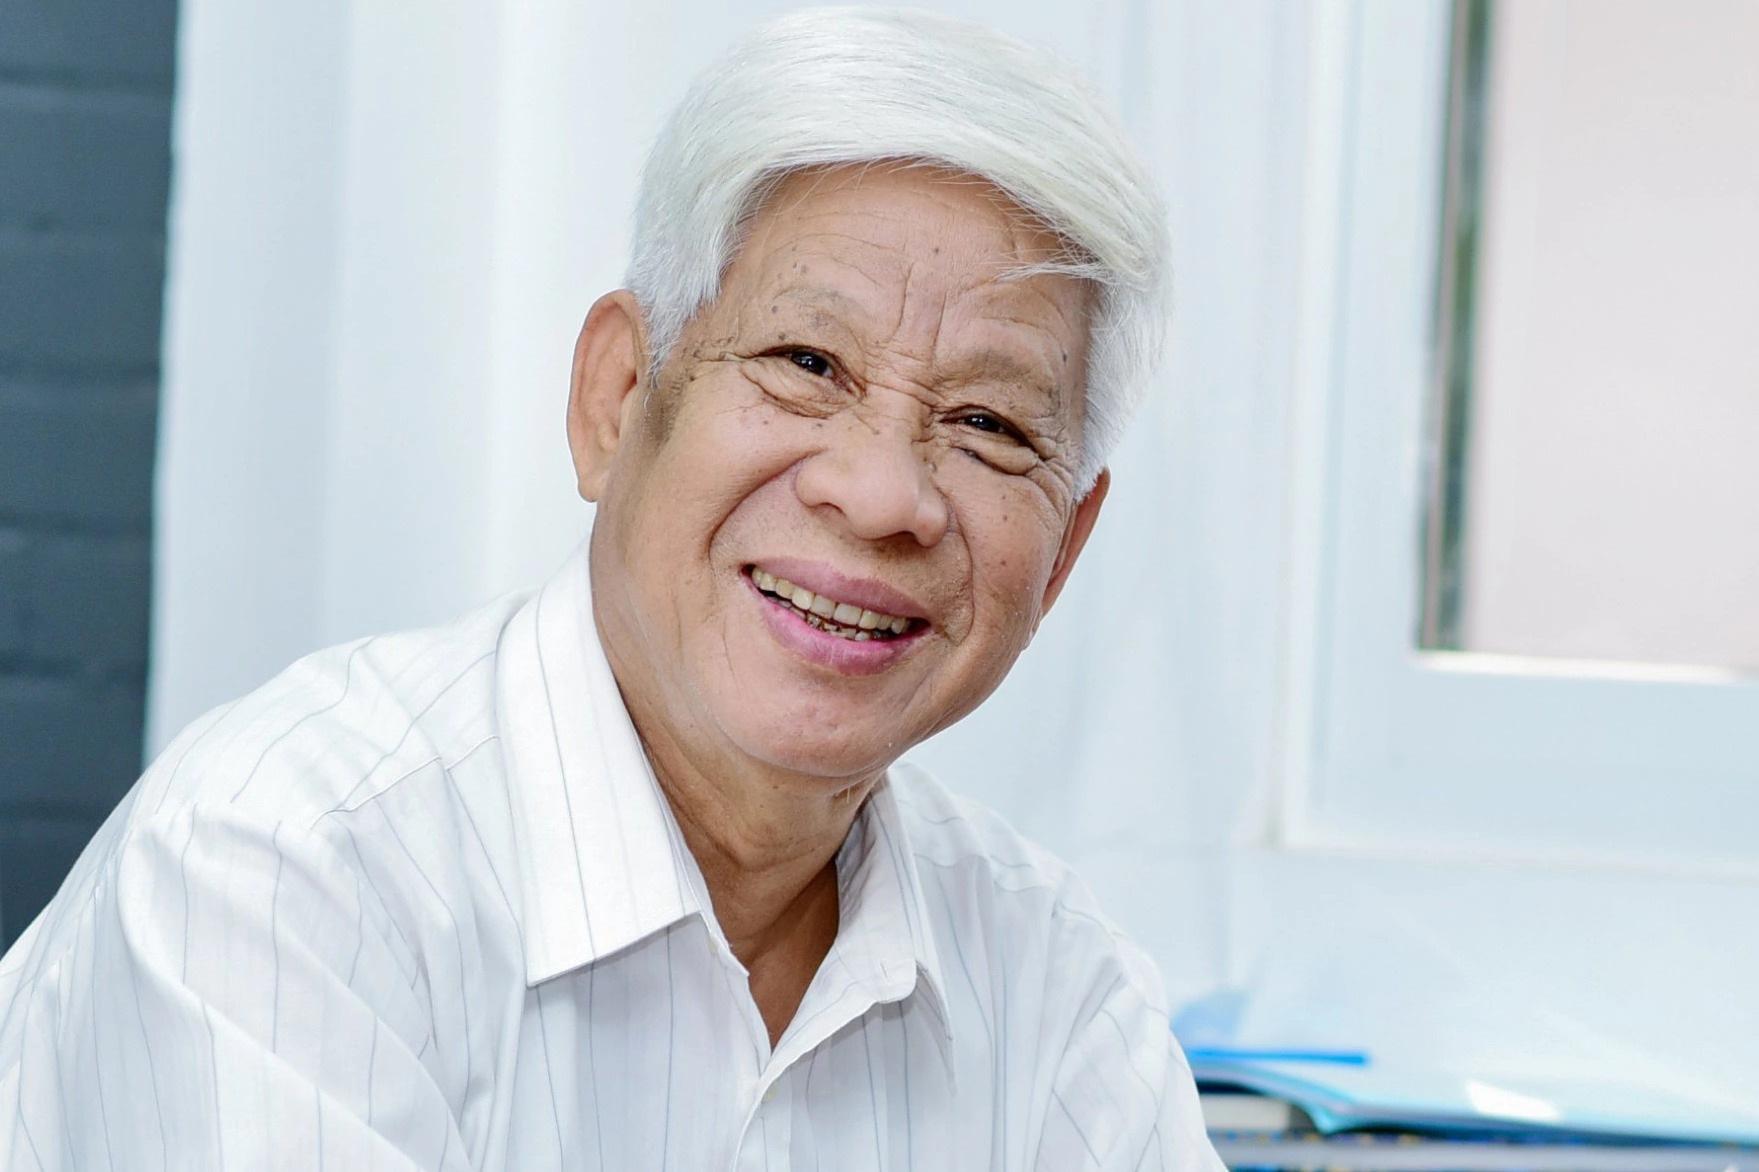 Nghỉ Tết, Quốc Khánh năm 2022: Chuyên gia, doanh nghiệp đồng loạt lên tiếng - Ảnh 4.